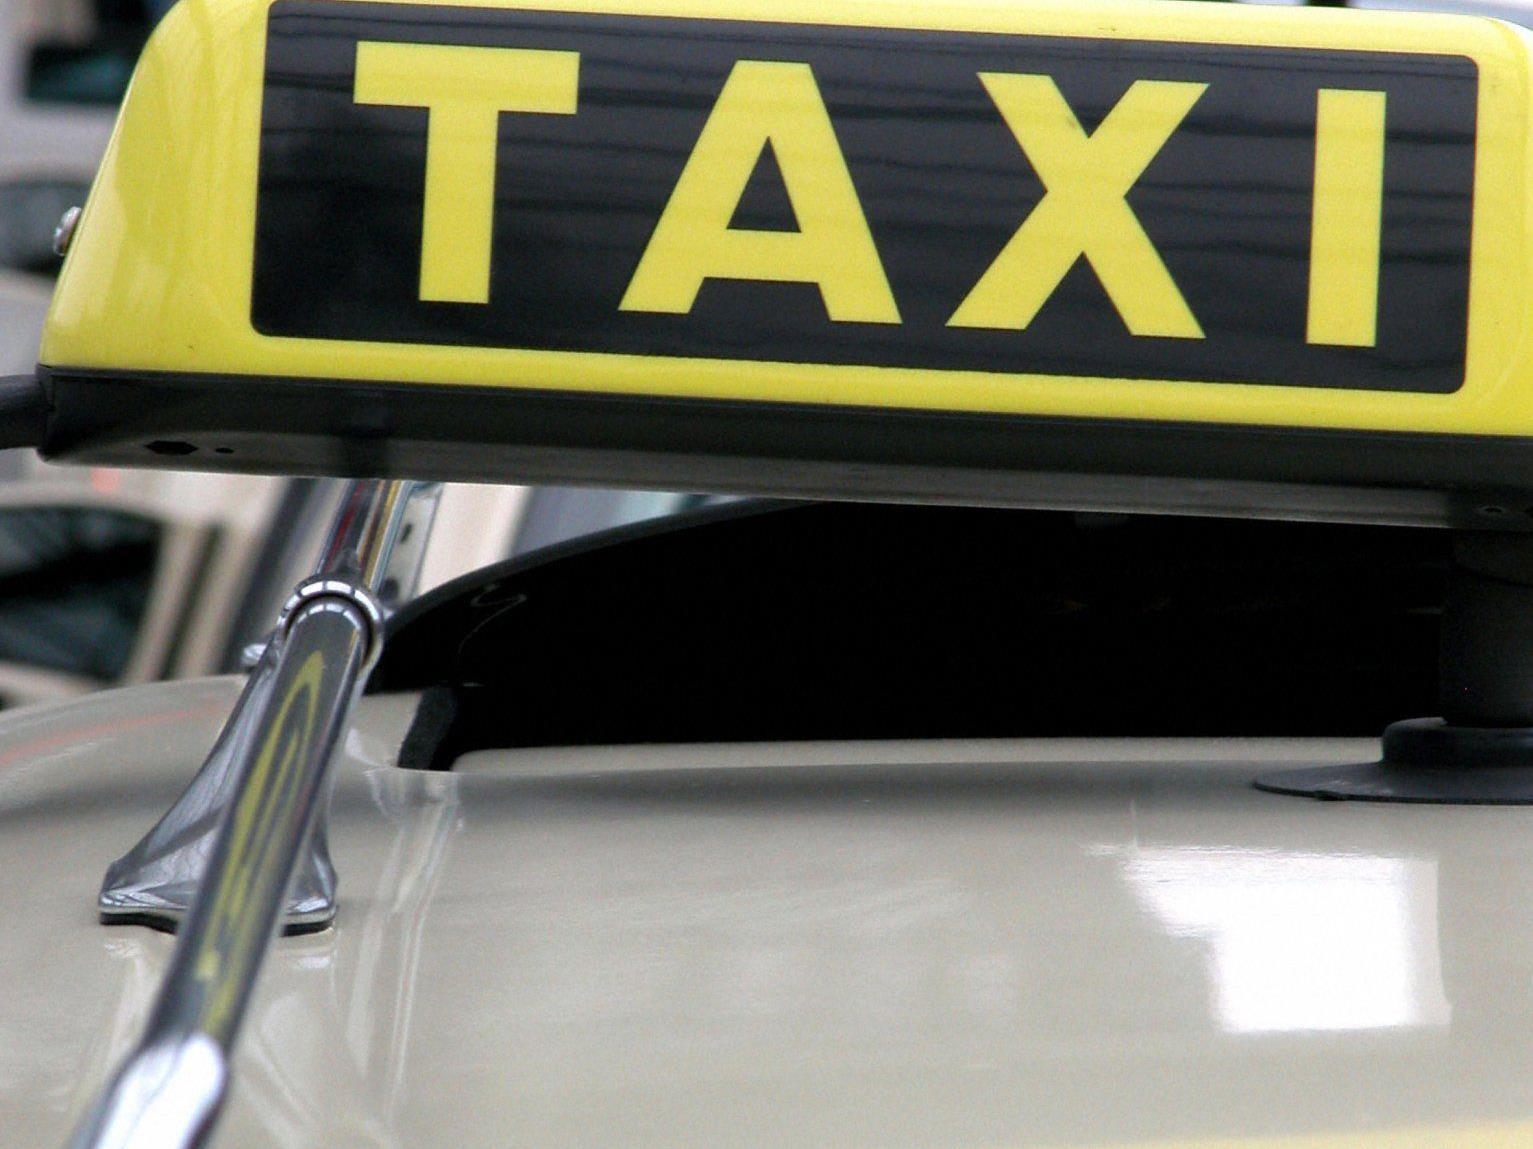 Gleich zehn Taxiüberfälle wurden dem Angeklagten zur Last gelegt